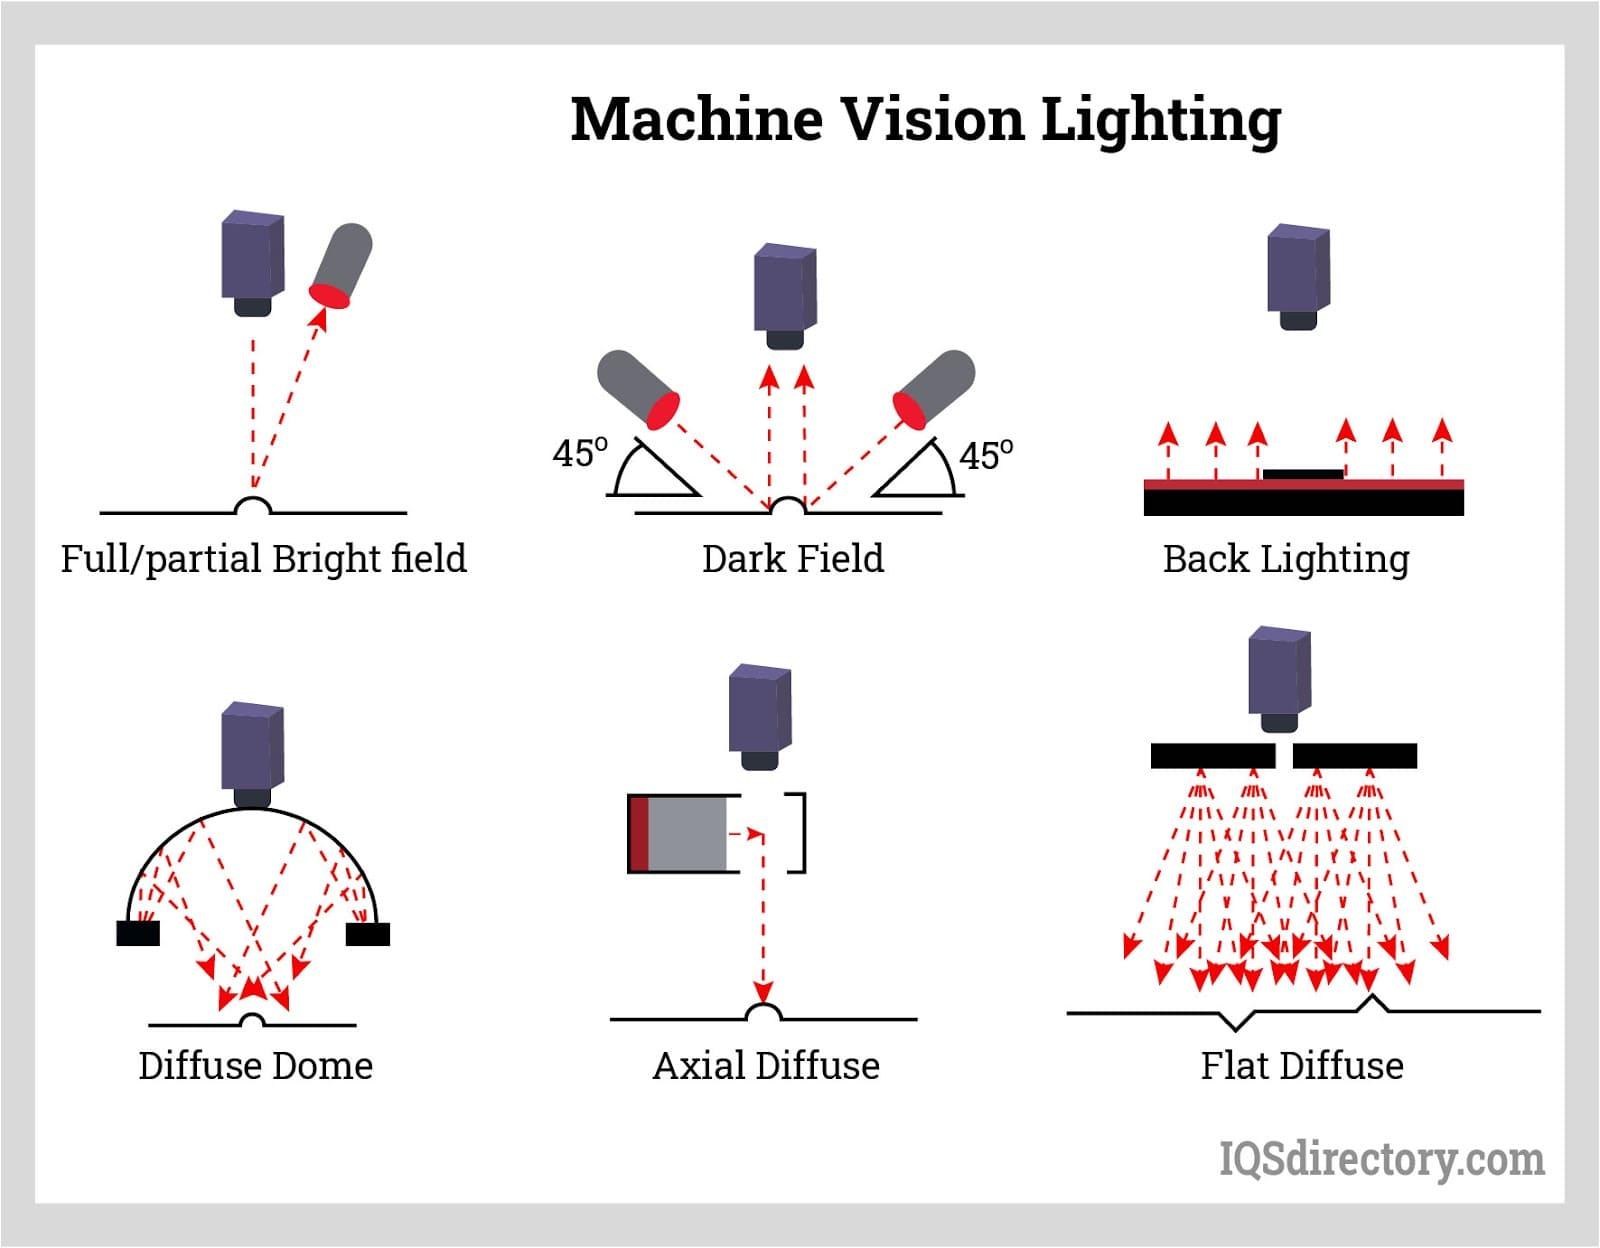 Machine Vision Lighting